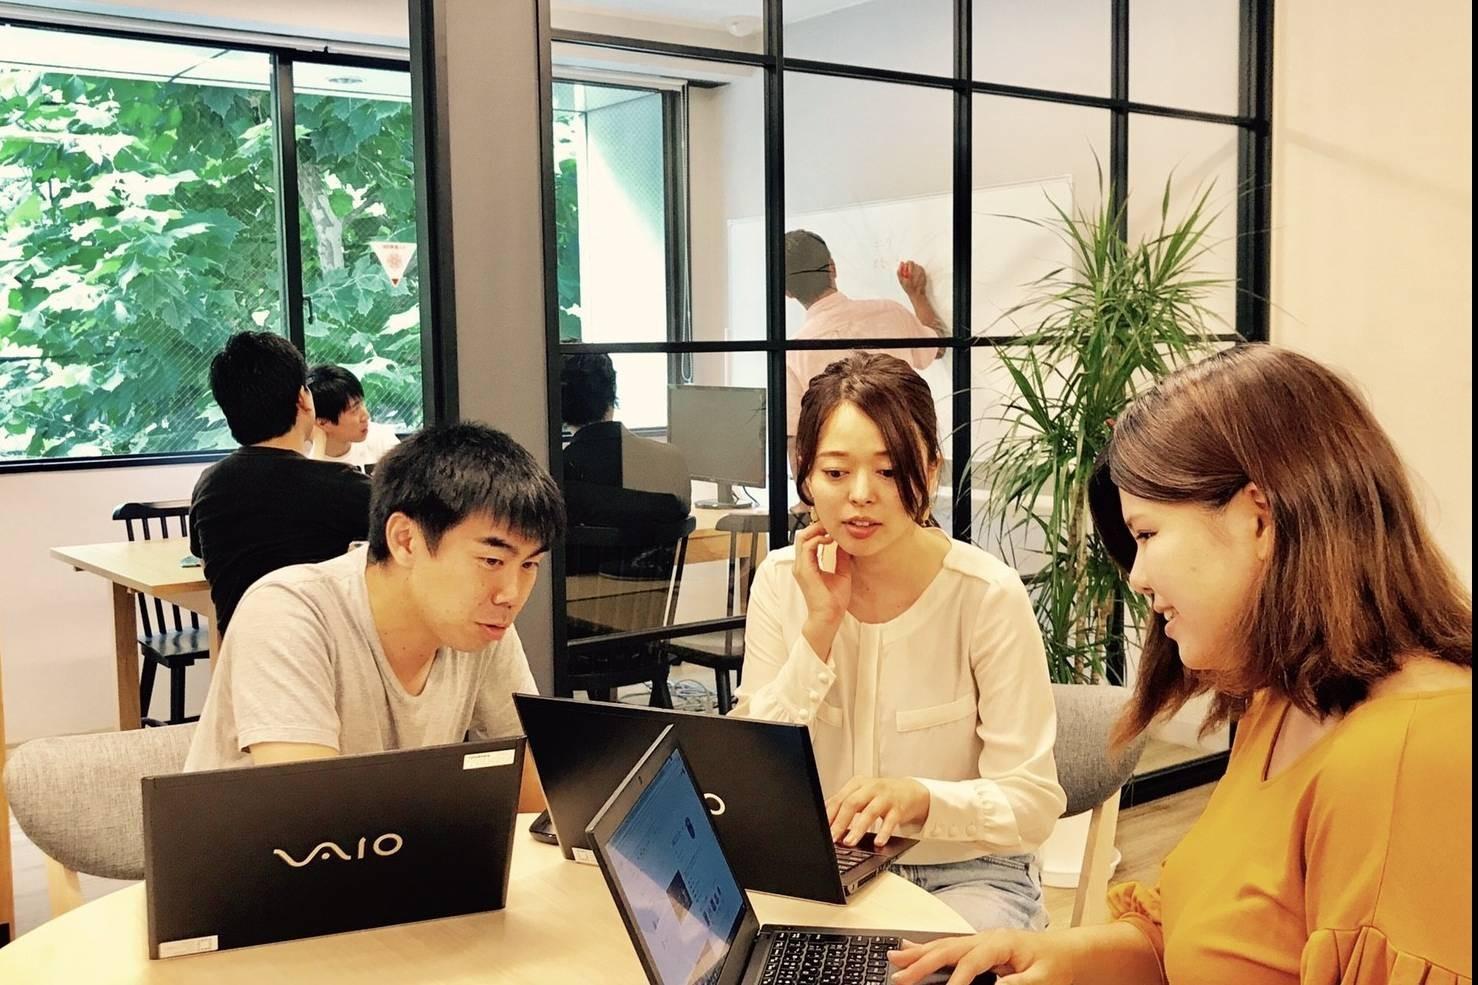 株式会社ユニトーンのグローバル展開する事業のデータサイエンティスト(ユーザー数500万人以上)のサムネイル画像